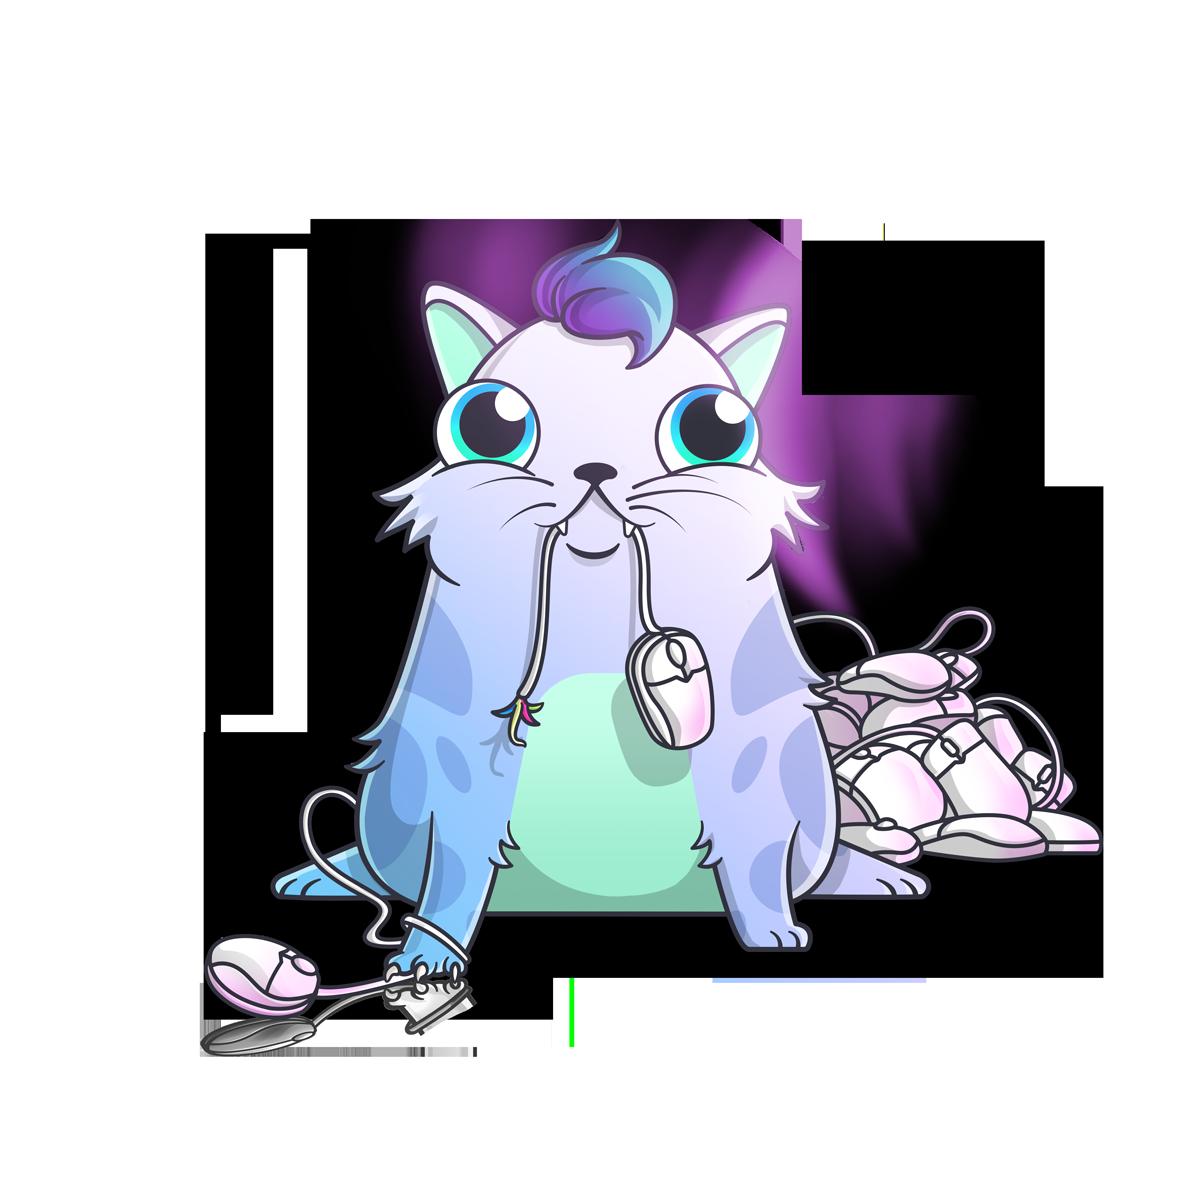 src/assets/kitty-error.png